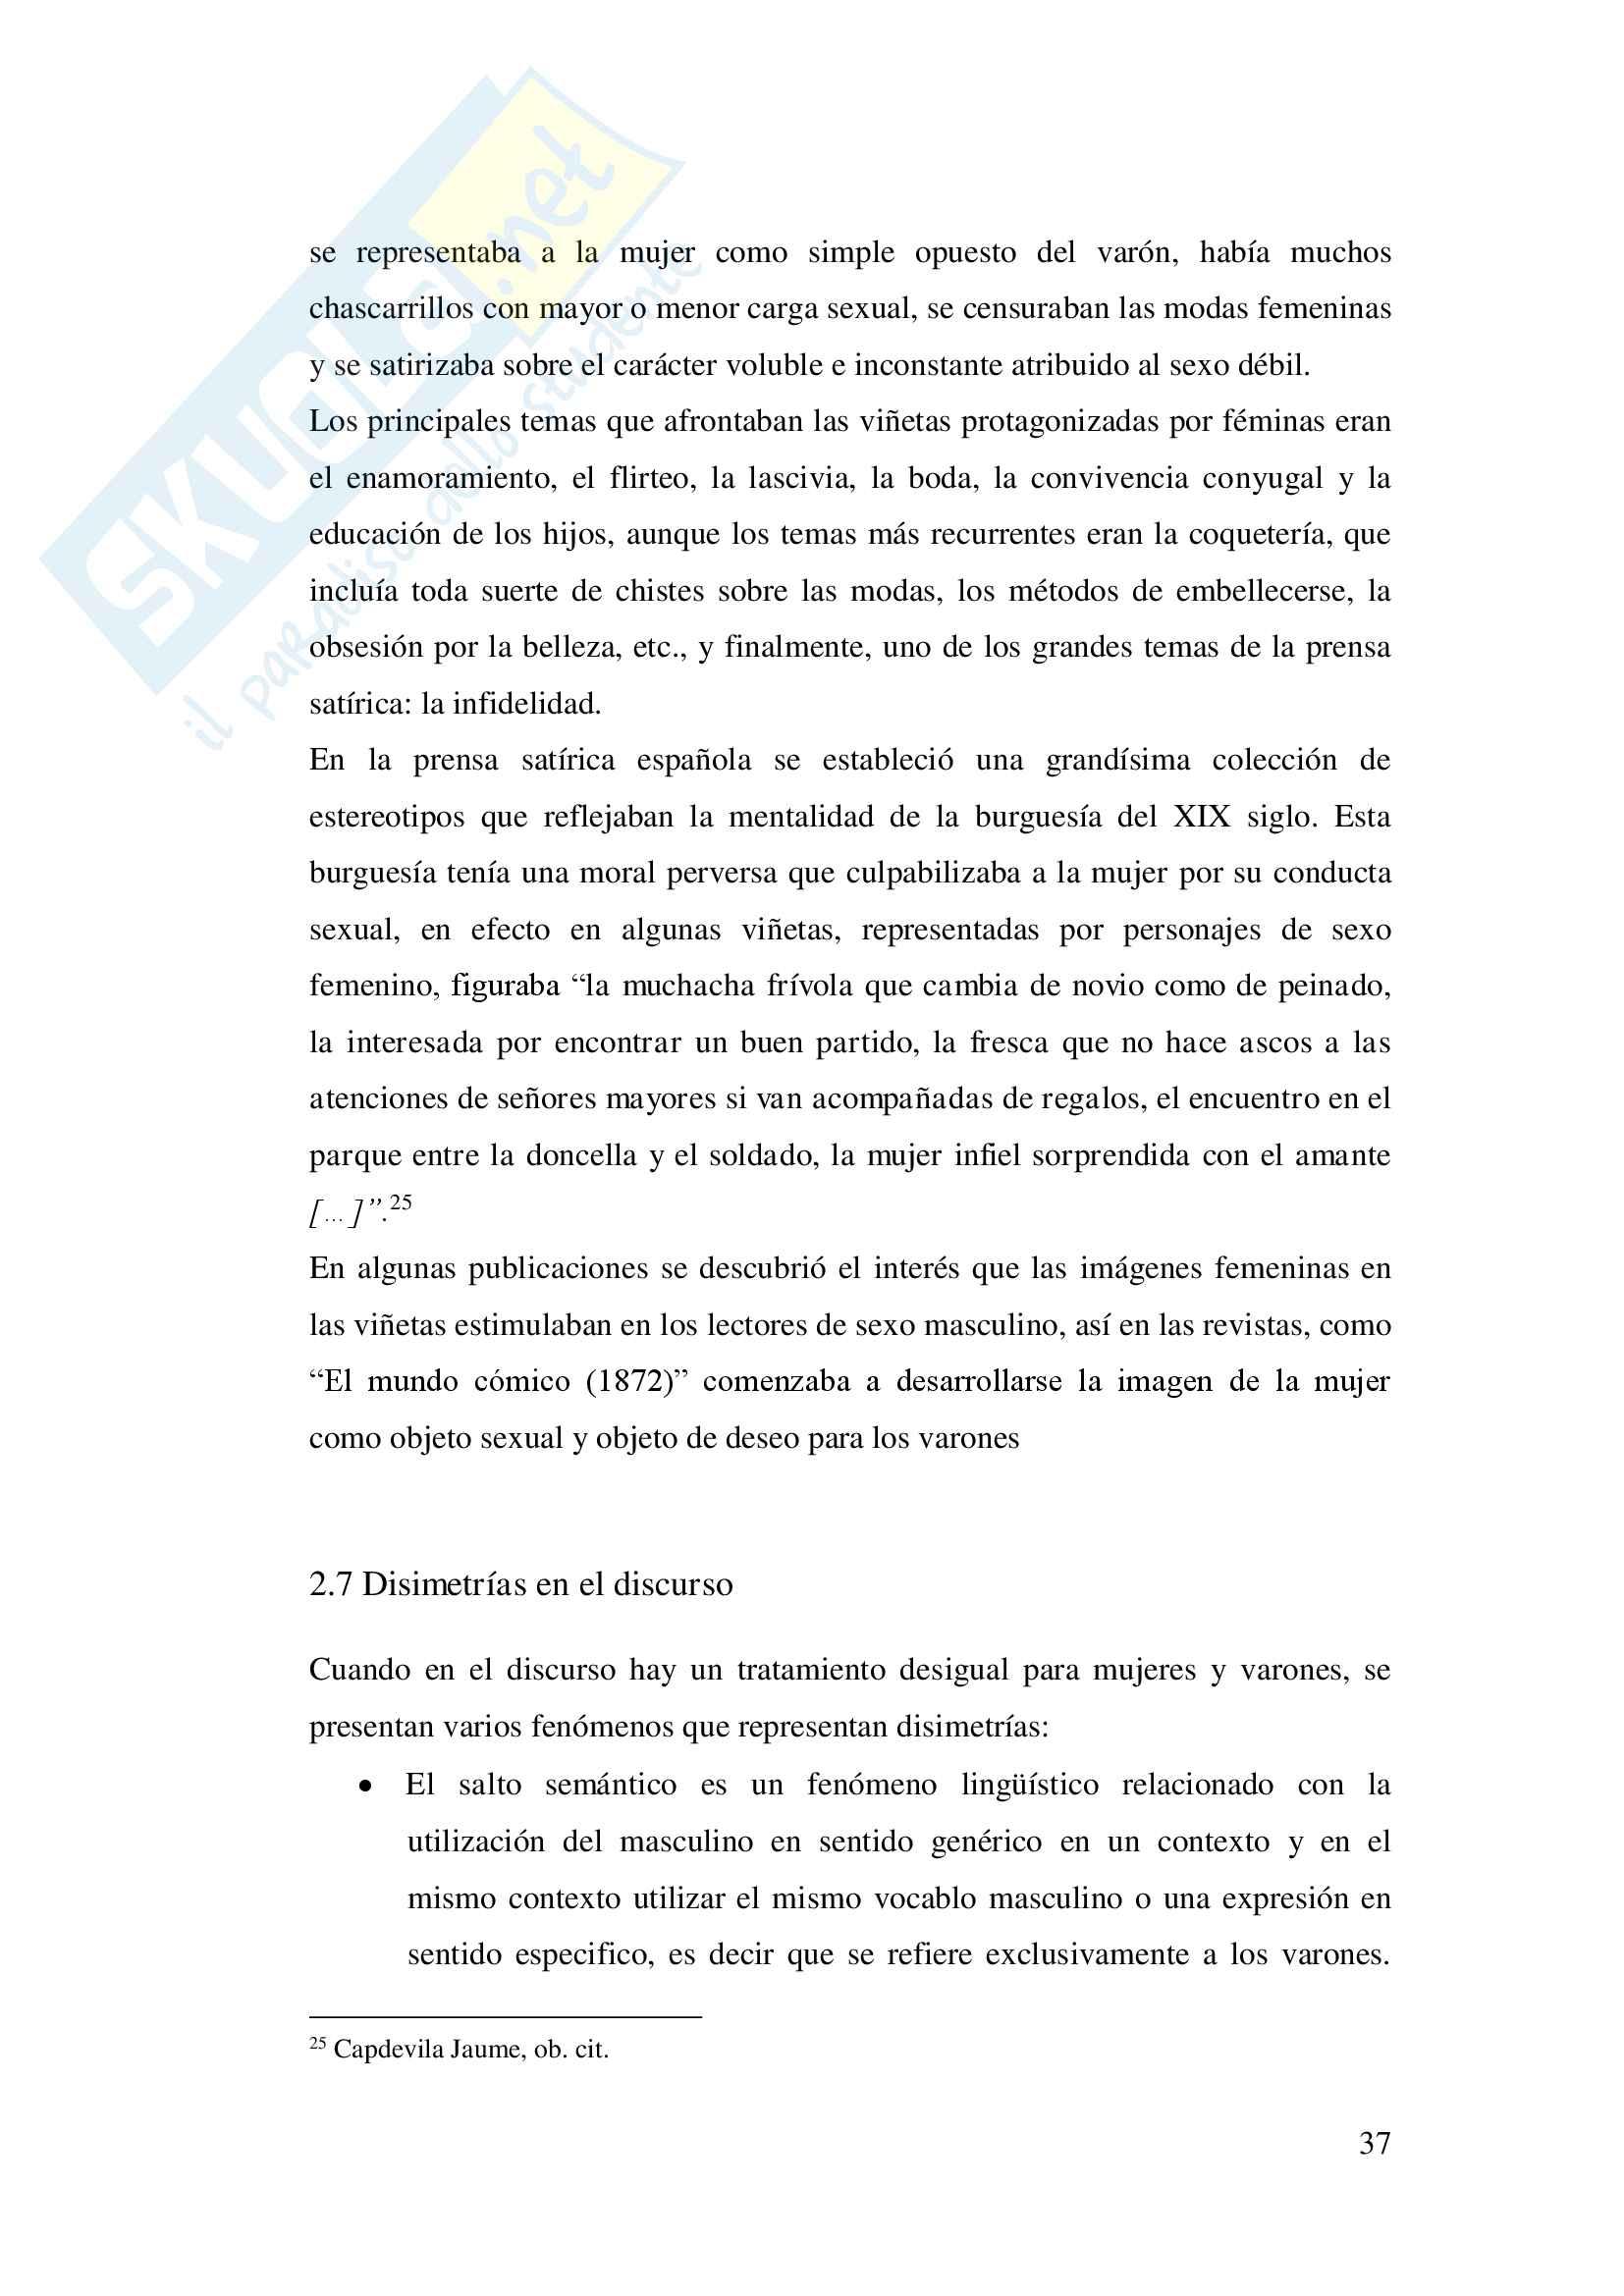 Sexismo lingüístico: una mirada a los fenómenos lingüísticos y sociales que discriminan y ocultan a la mujer Pag. 41